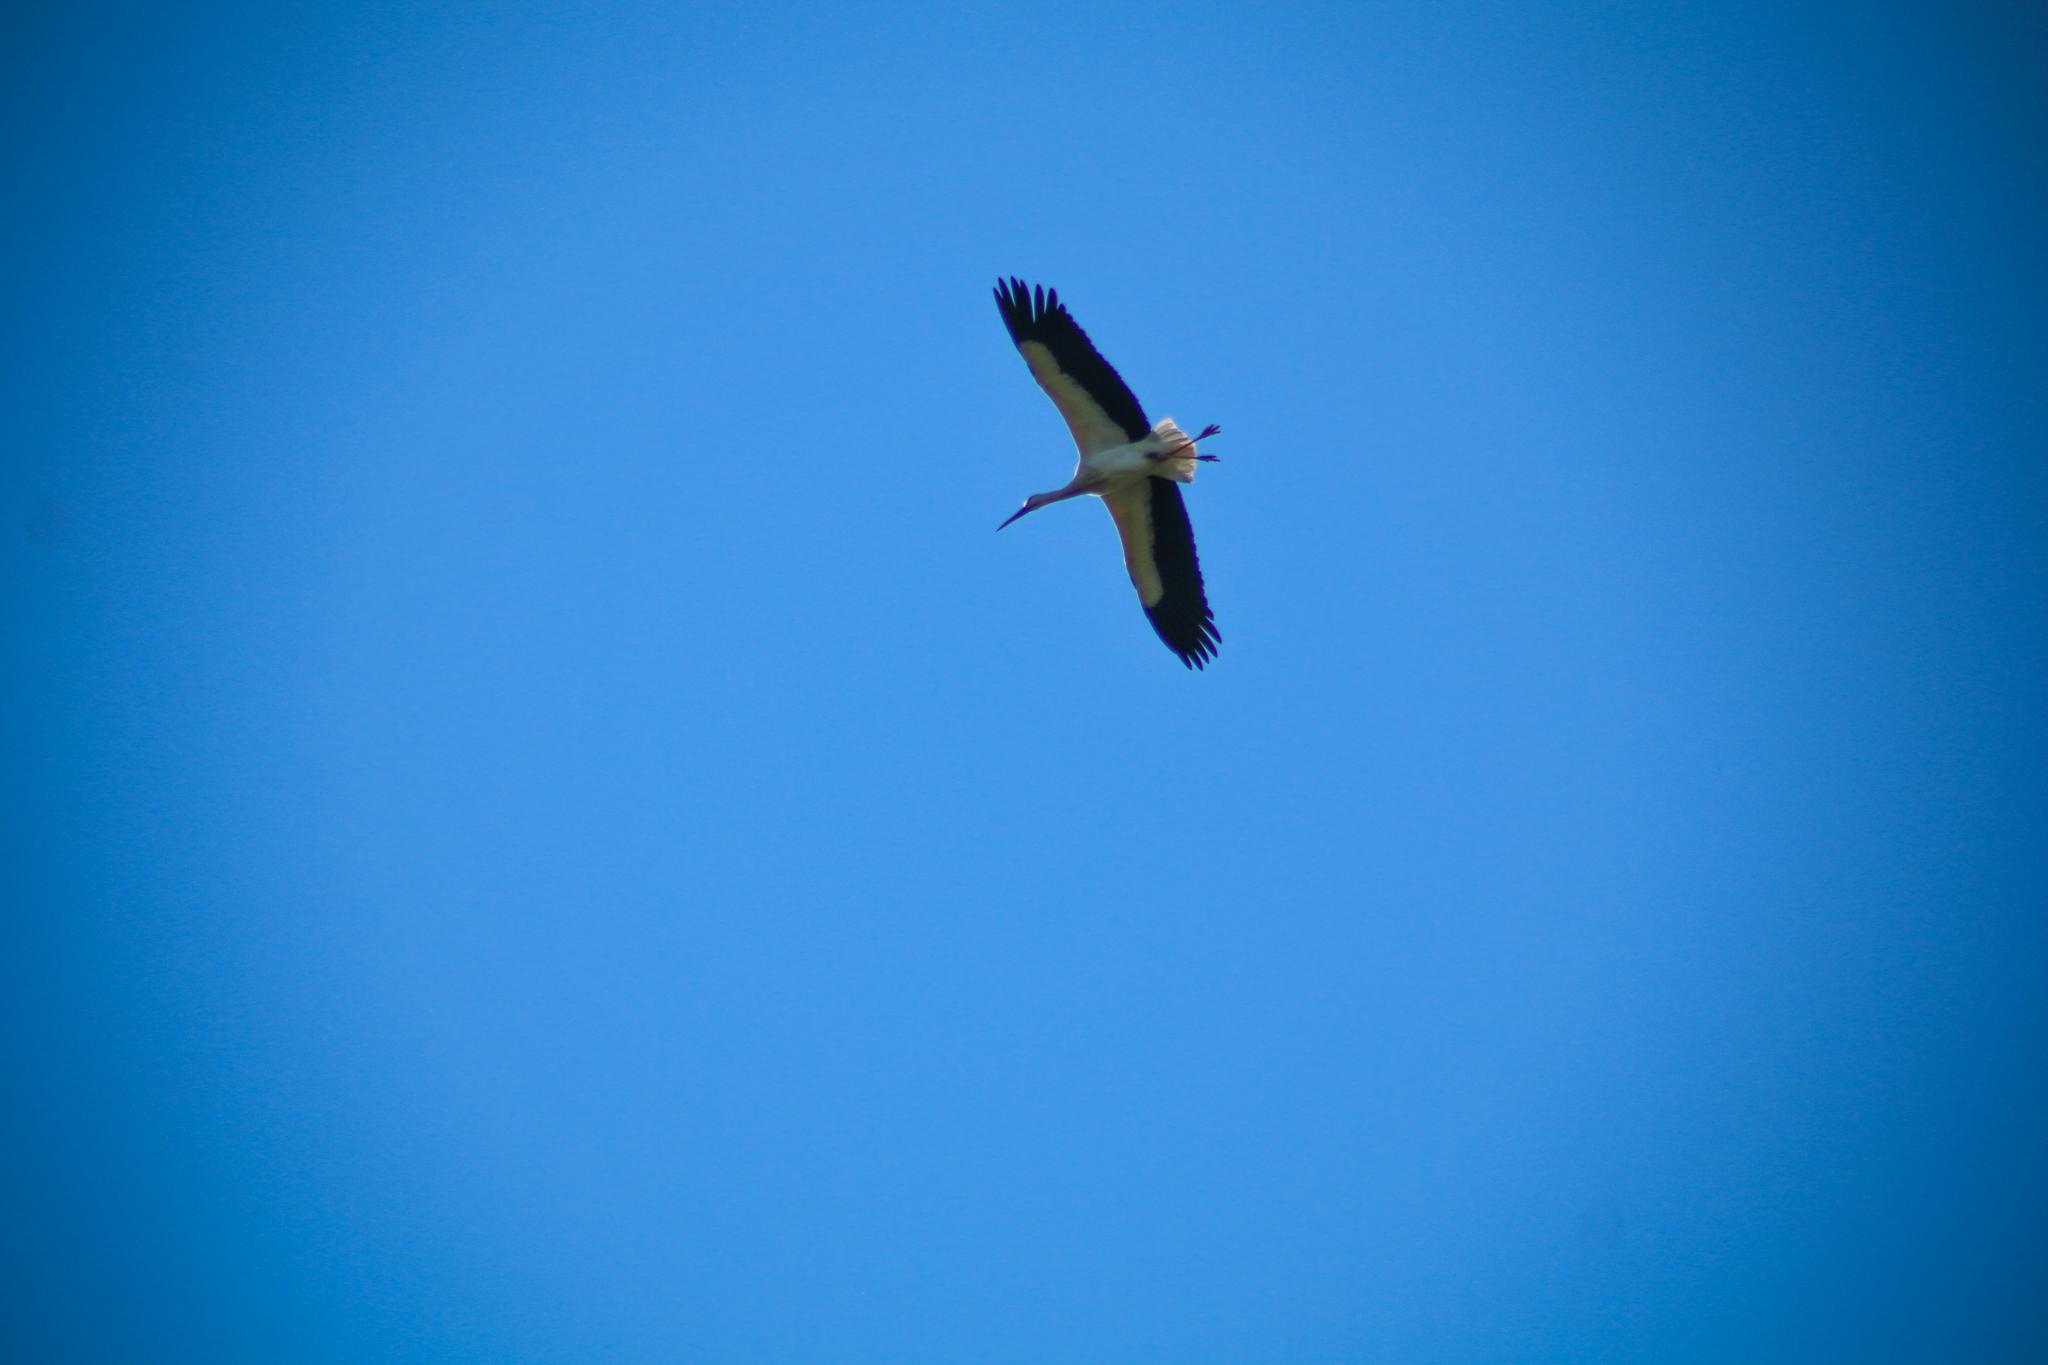 Ik zei al dat er ooievaars vliegen, maar ik vond ze maar niet. Totdat ik naar huis liep en er een aantal boven mijn hoofd vlogen